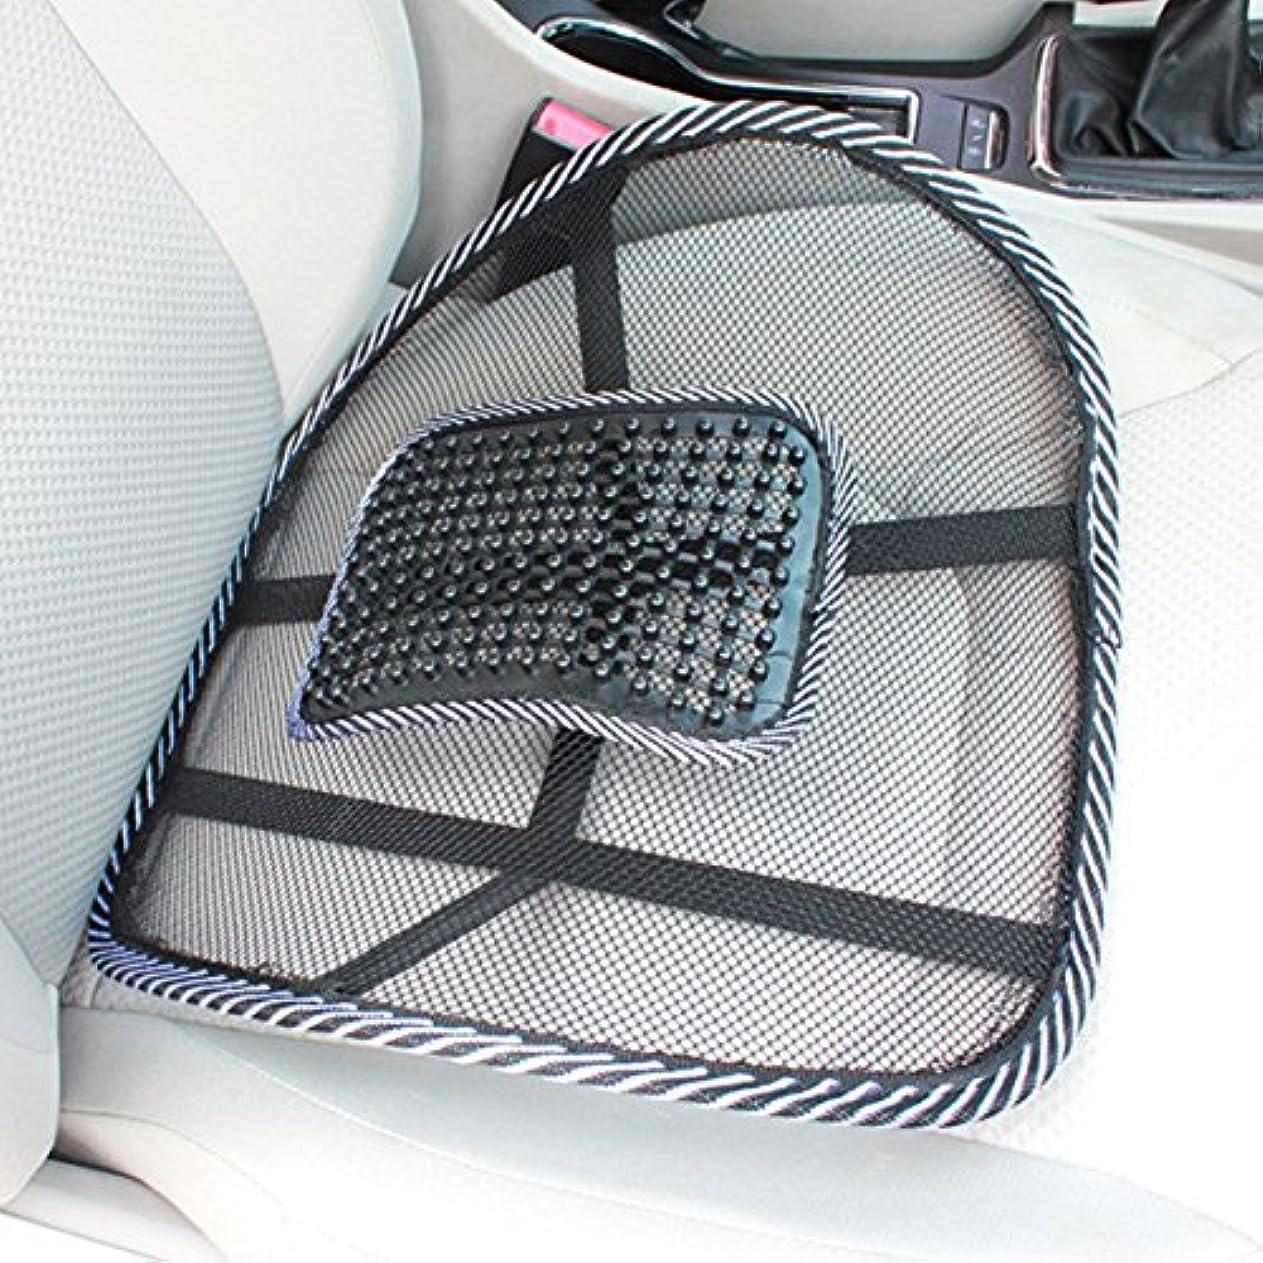 オーバーヘッド複合火山学者椅子のマッサージバック腰椎サポートメッシュ換気クッションパッド車のオフィスの座席車、オフィス、または自宅の座席のマッサージでリラックスサポート